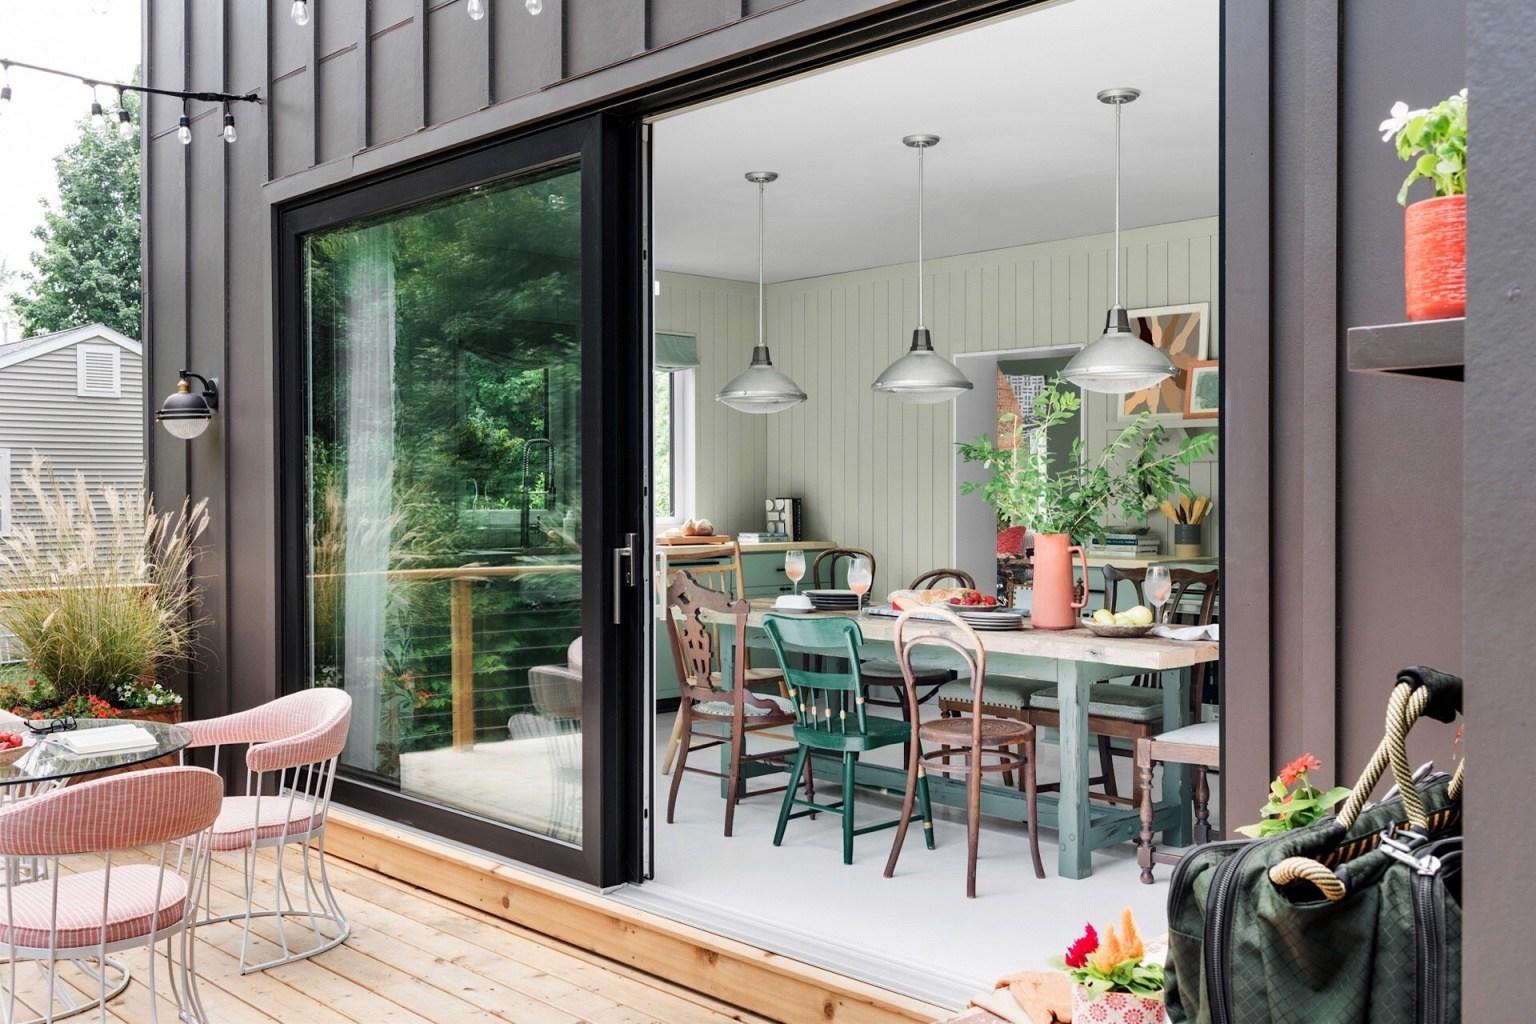 Căn nhà cấp 4 với nội thất dung dị nên thơ giữa khung cảnh xanh mát của vườn cây yên bình xung quanh - Ảnh 13.